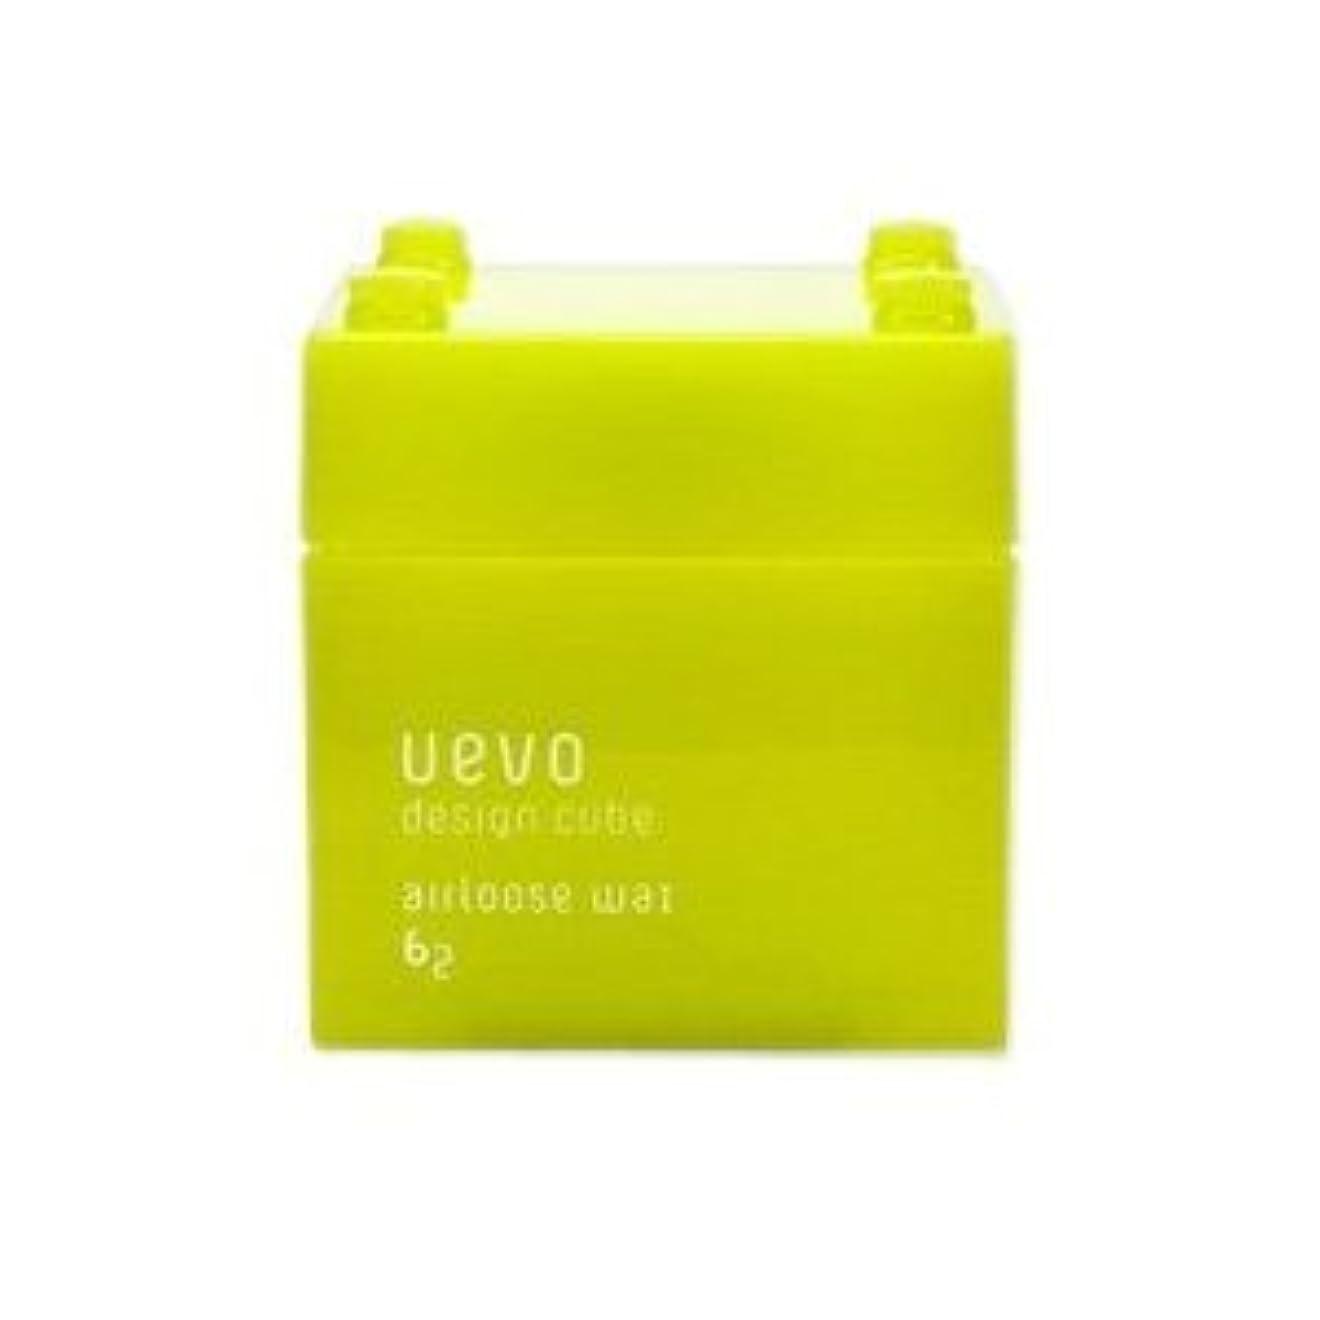 アイドル喪絶え間ない【X3個セット】 デミ ウェーボ デザインキューブ エアルーズワックス 80g airloose wax DEMI uevo design cube